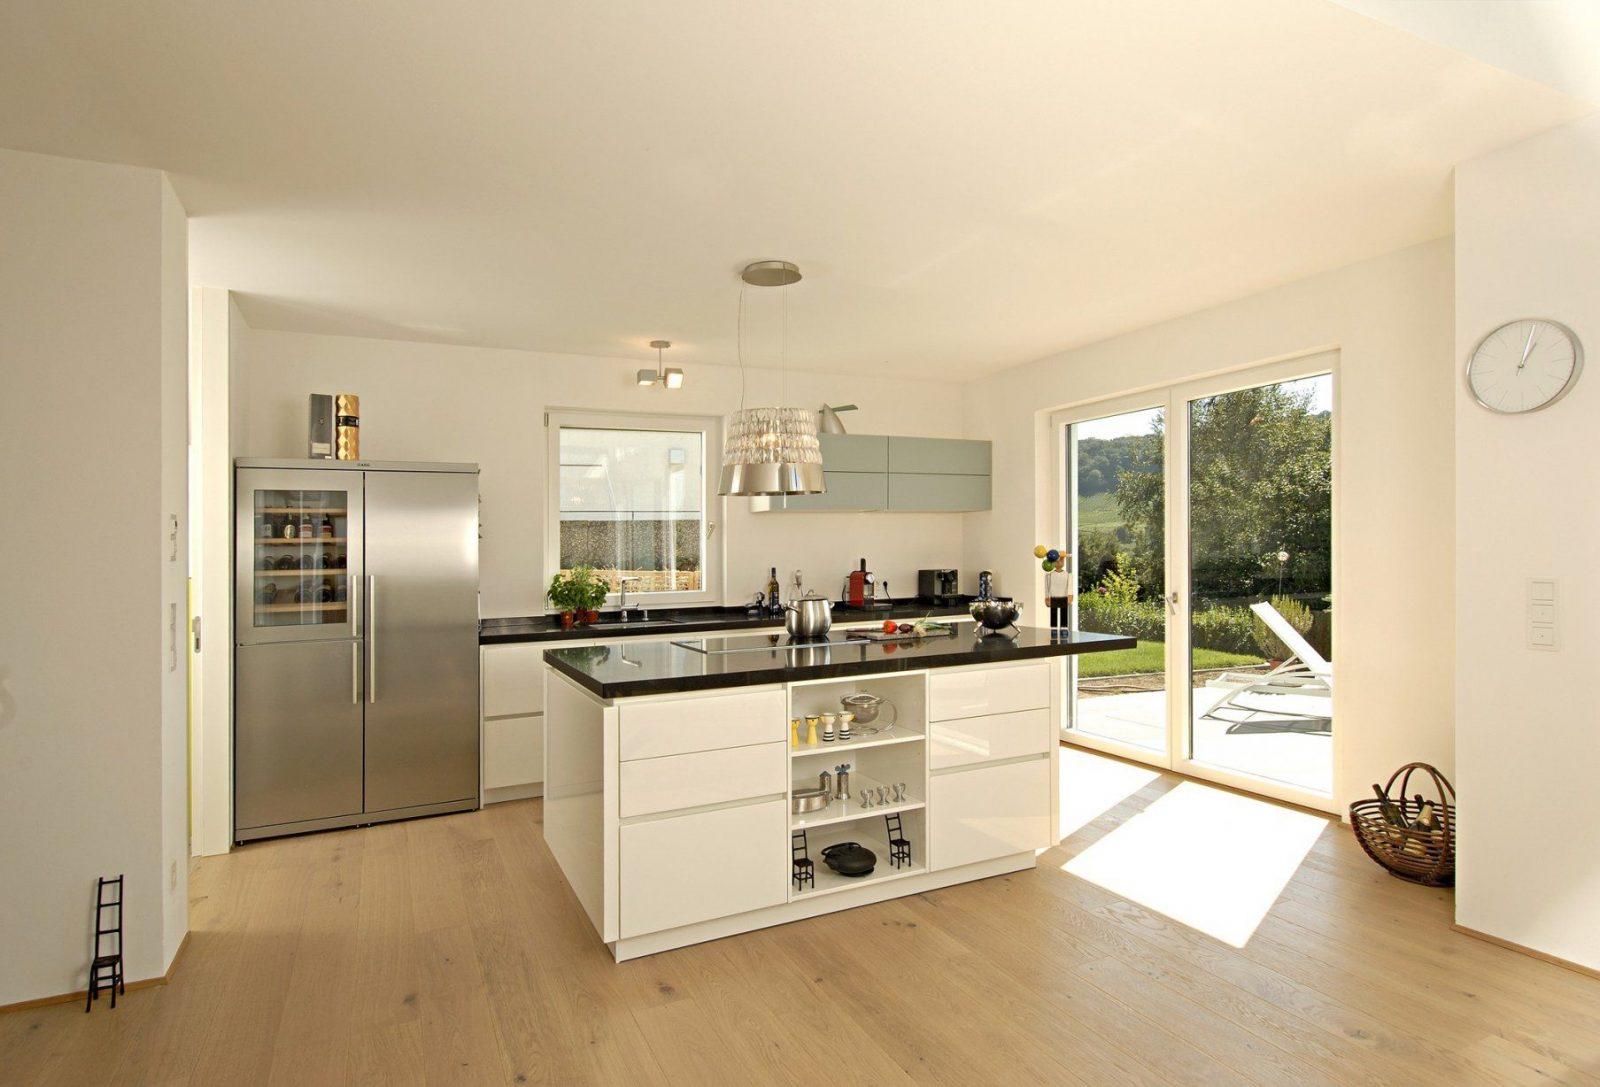 Küche Mit Insel Grundriss Und Gemütlich Pantry Grundrisse Fotos von Grundriss Küche Mit Kochinsel Bild